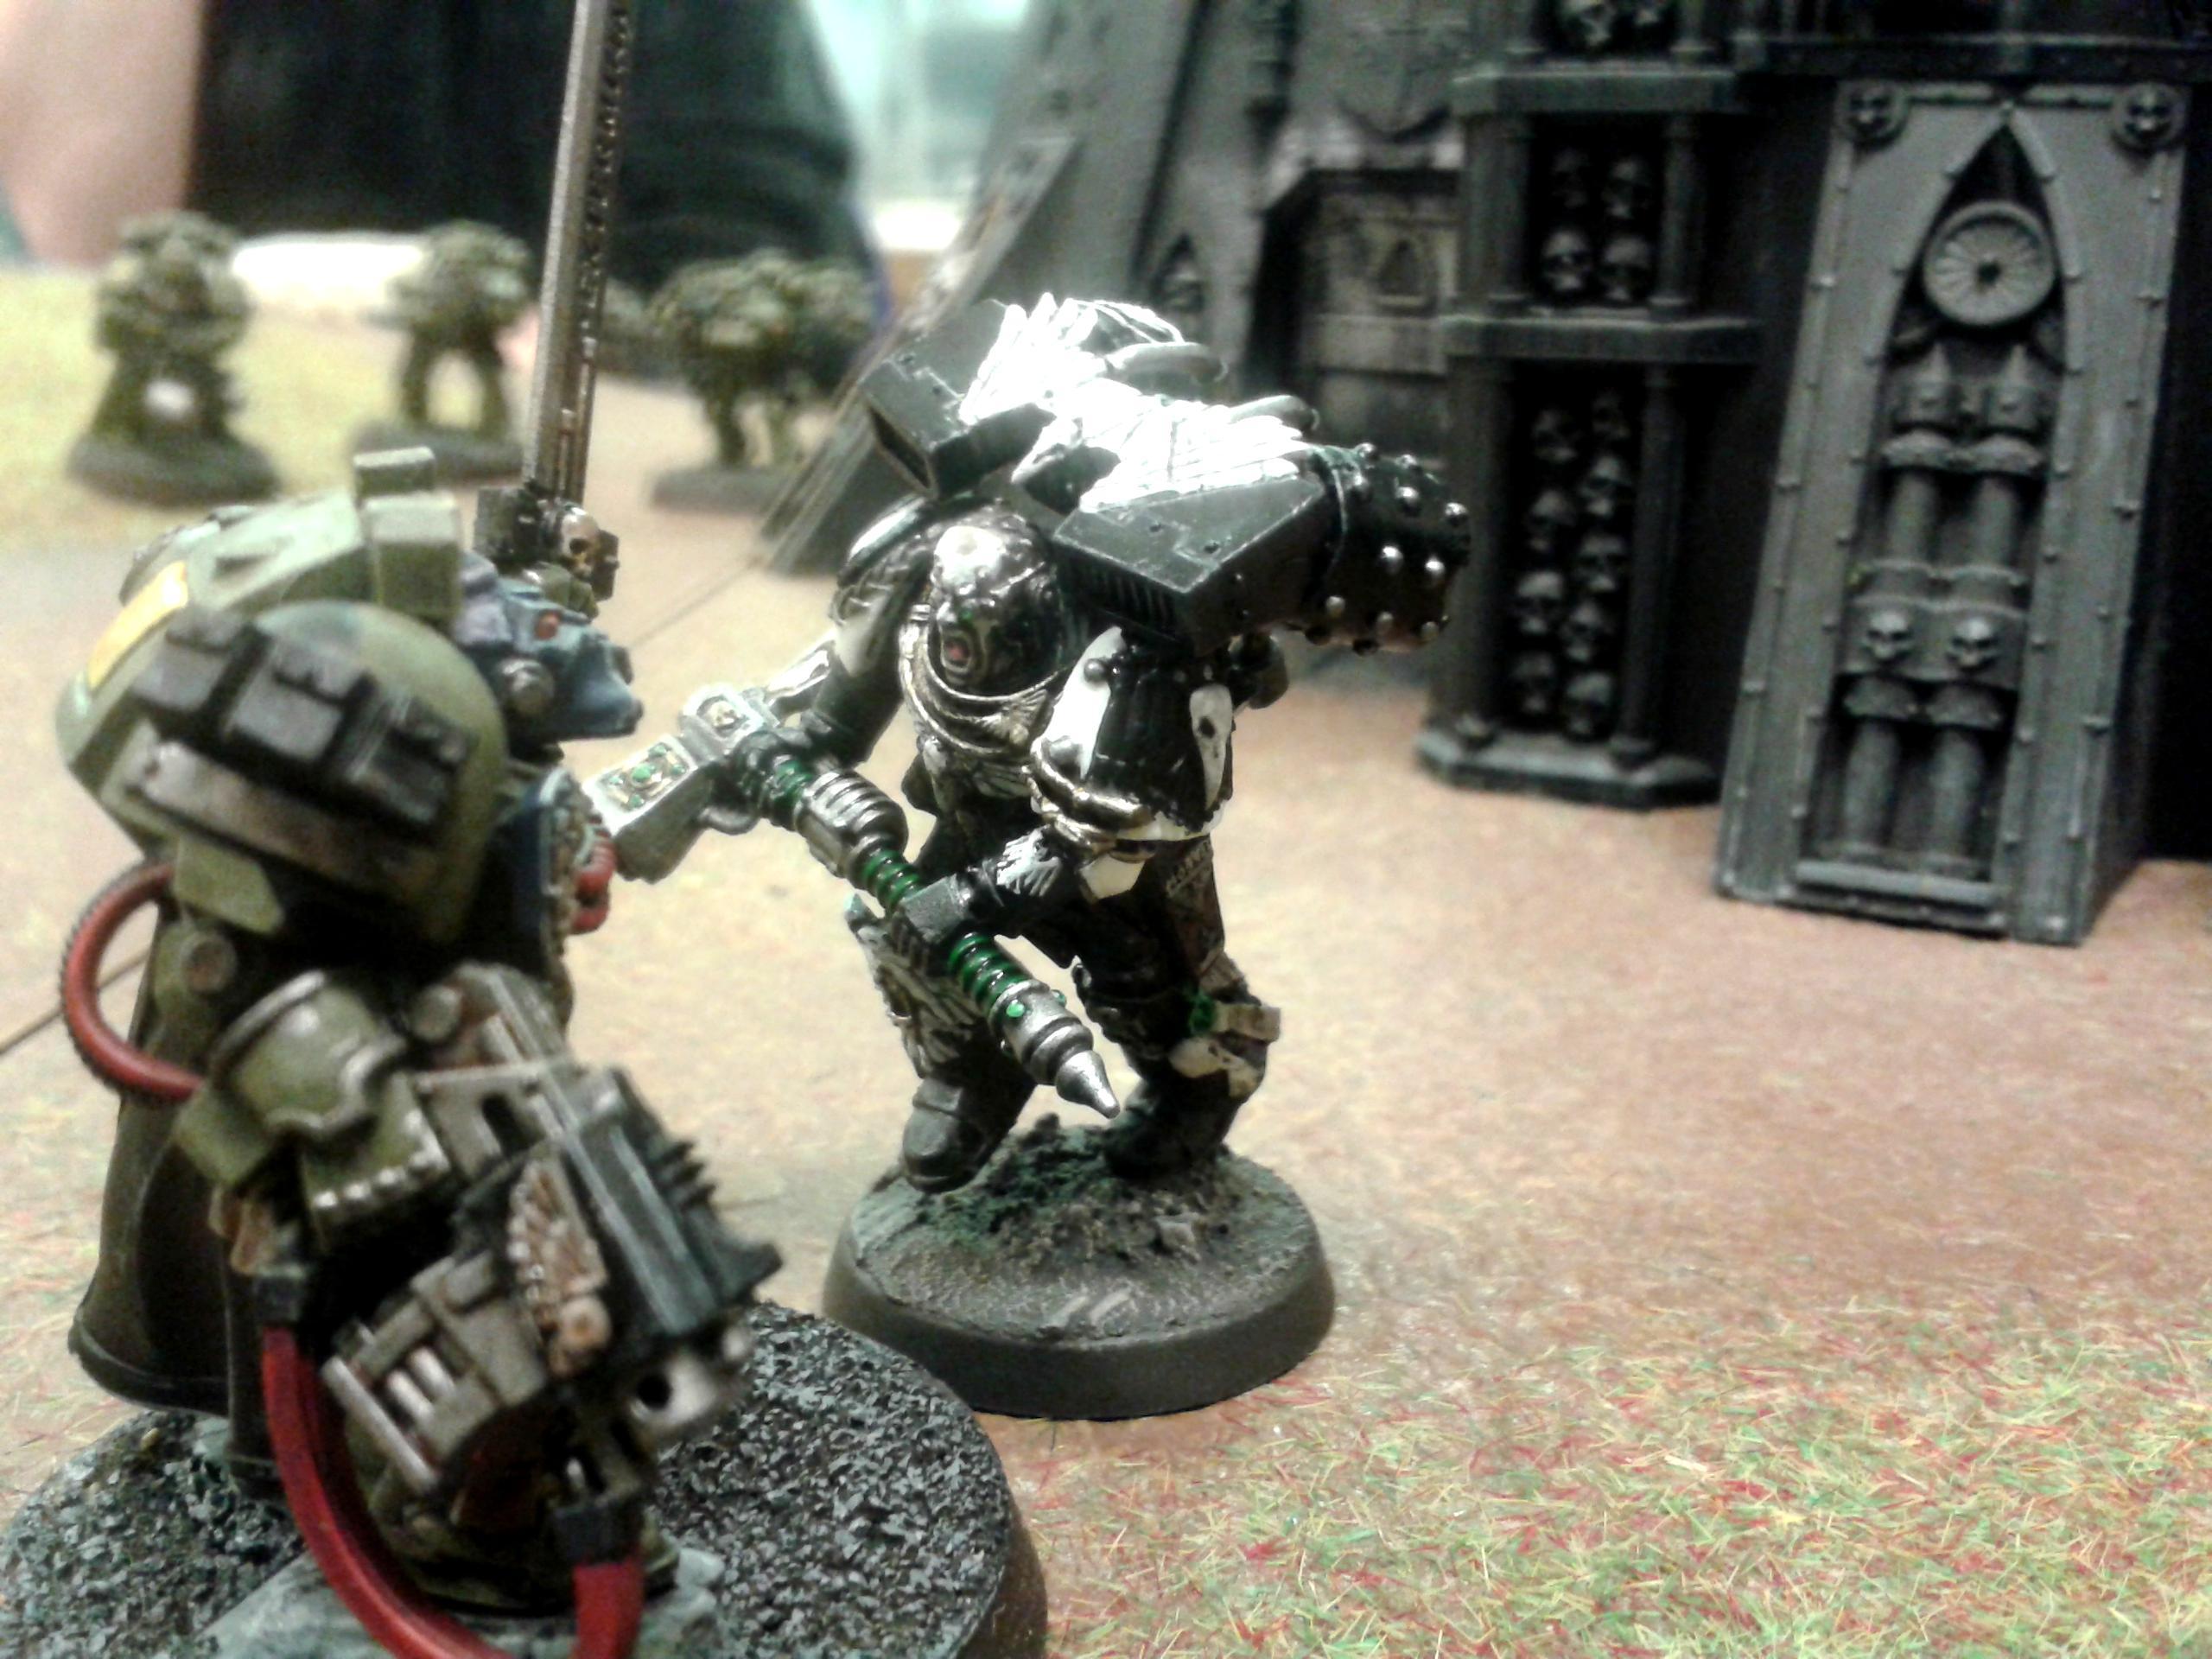 Battle, Guard, Hammer, Raven, Report, Space, Space Marines, War, Warhammer 40,000, Warhammer Fantasy